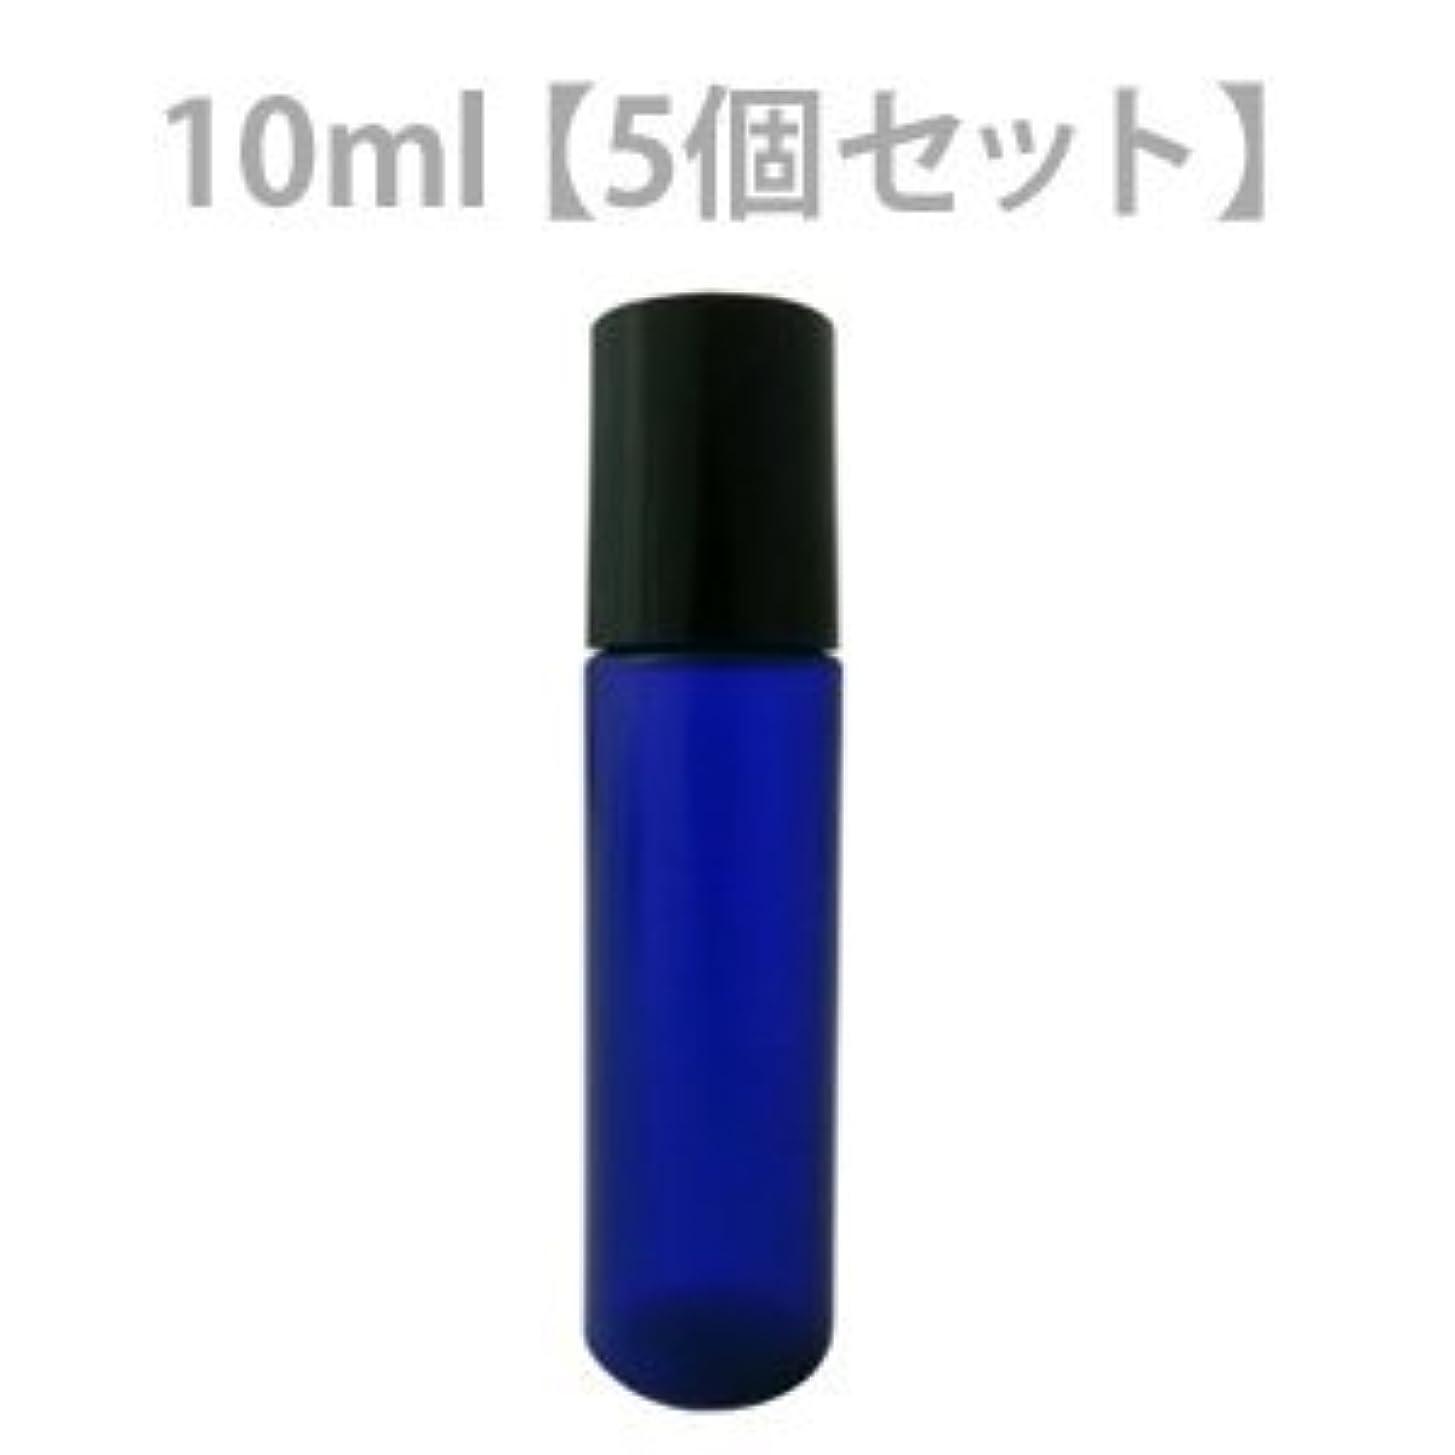 優勢リンケージ流行ミニボトル容器 化粧品容器 コバルト 10ml 5個セット